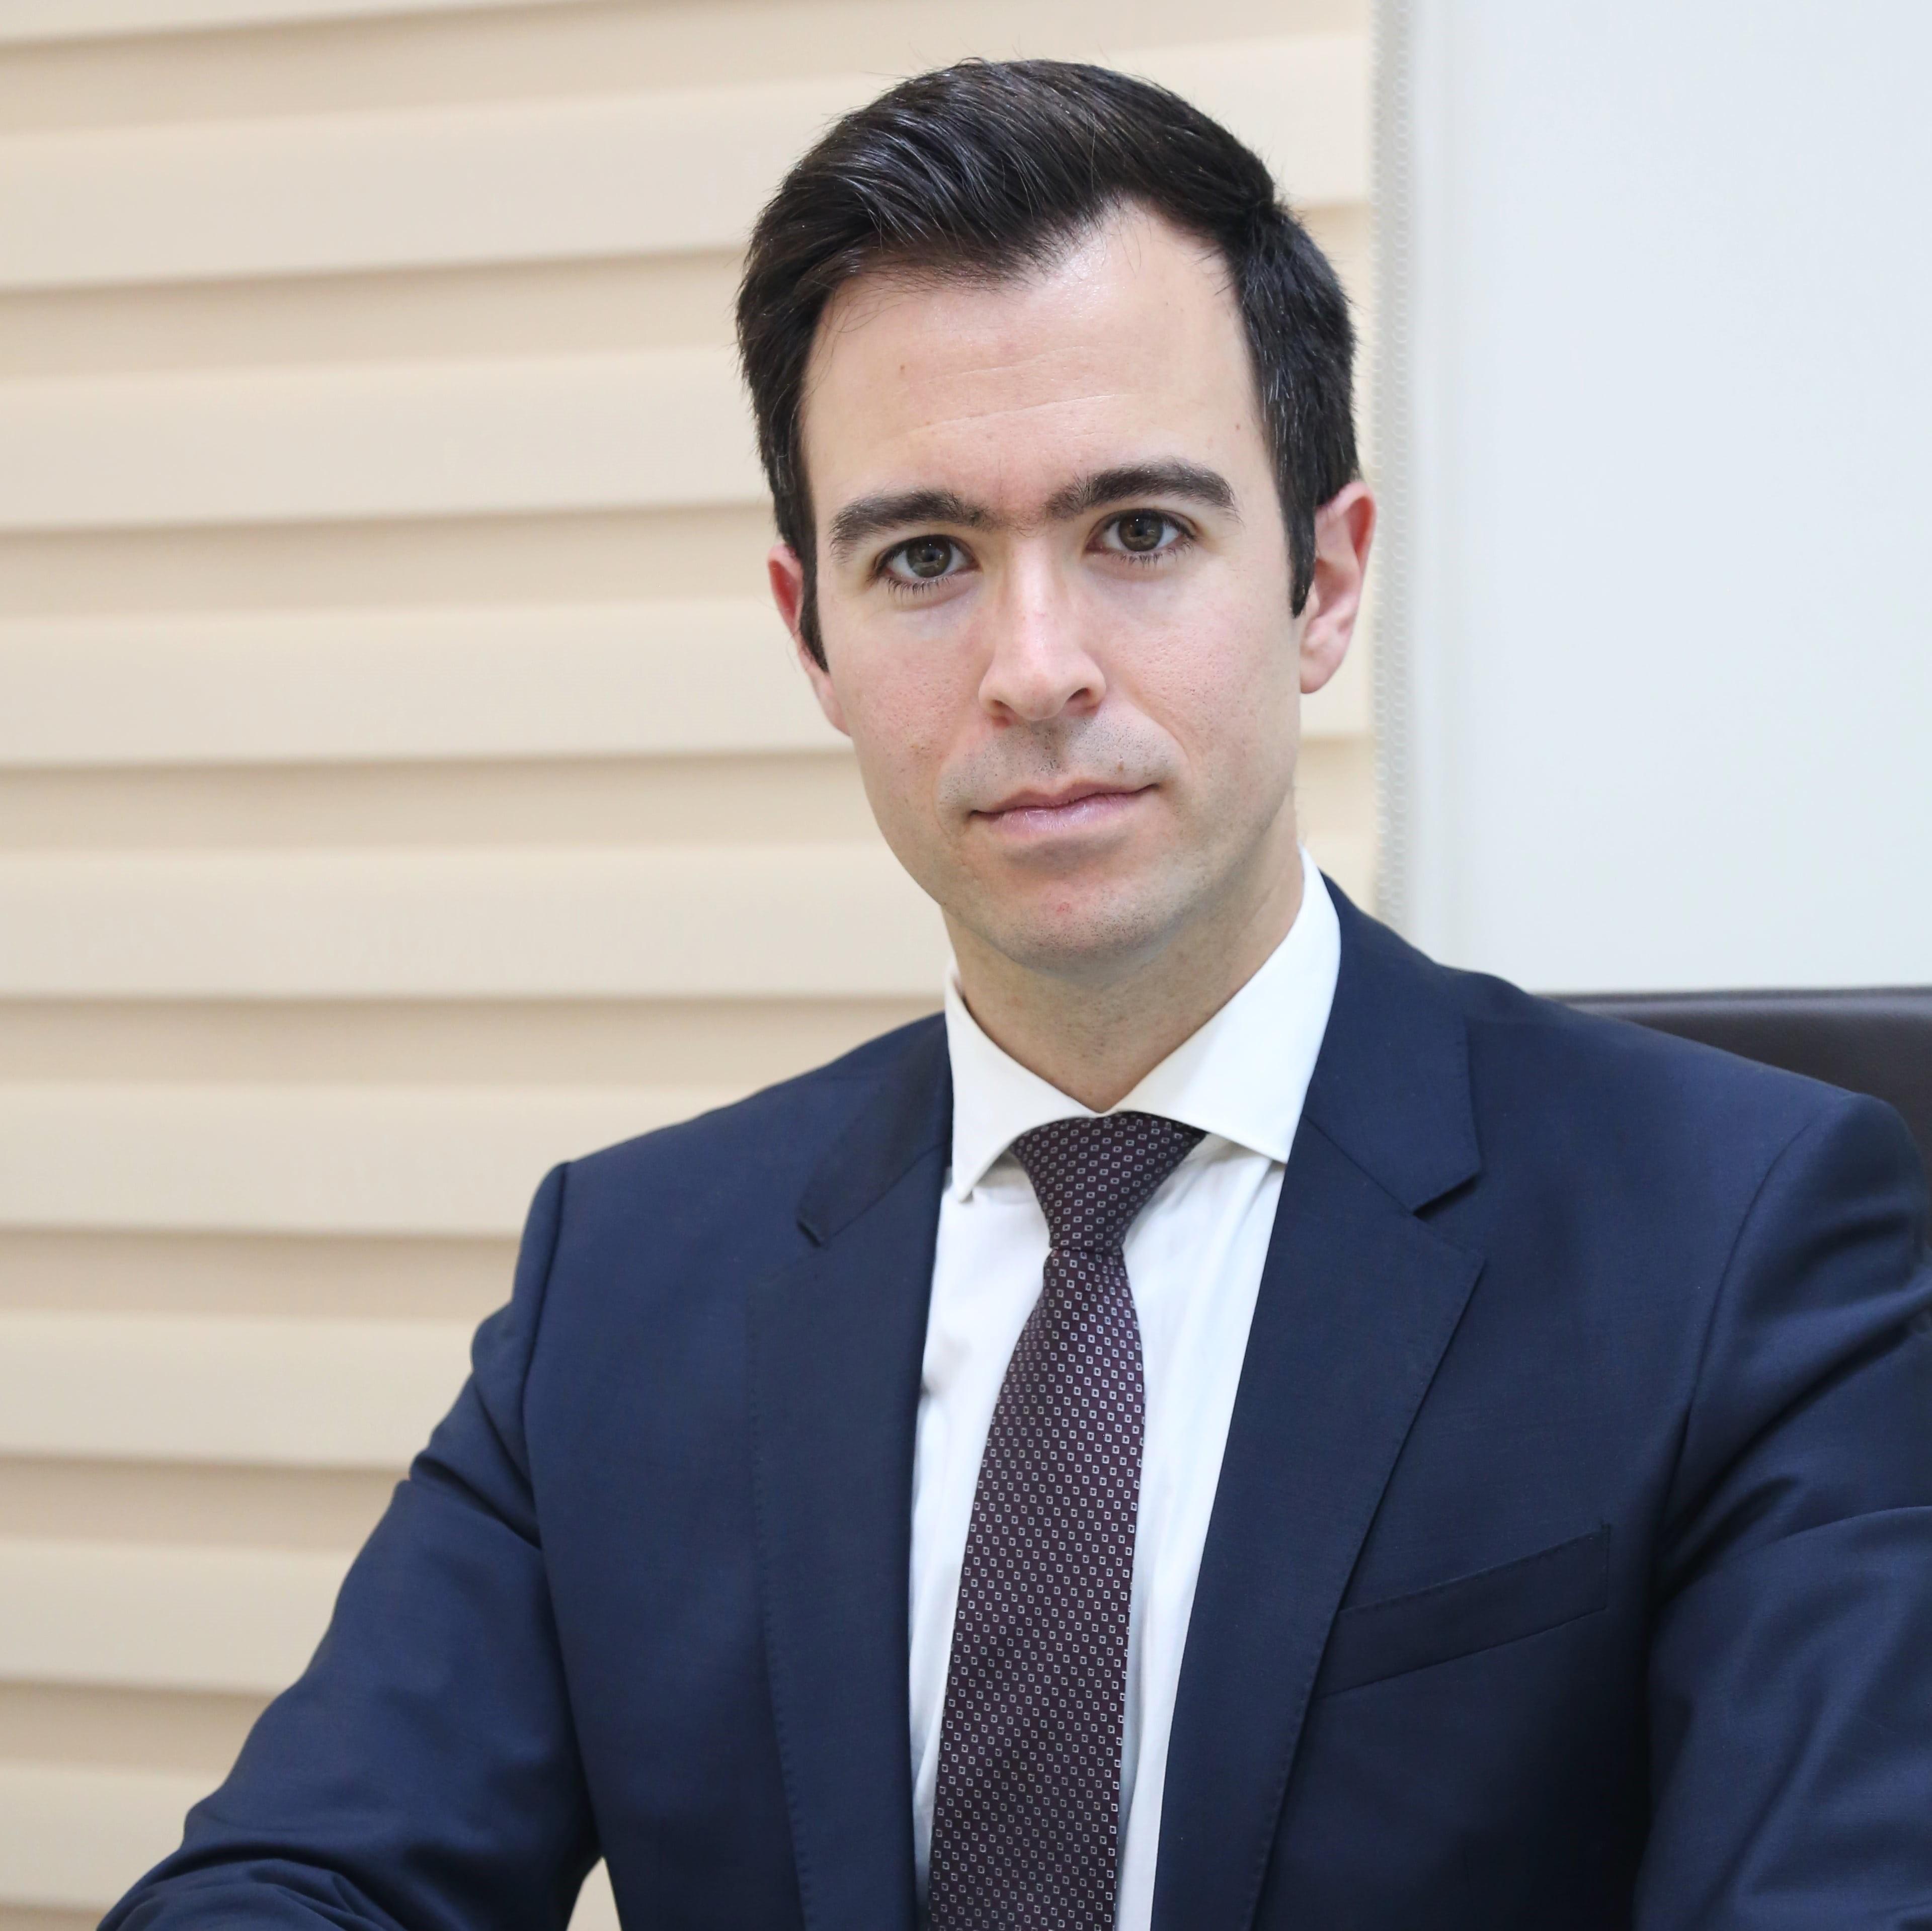 Δρ. Σγούρος Νικόλαος